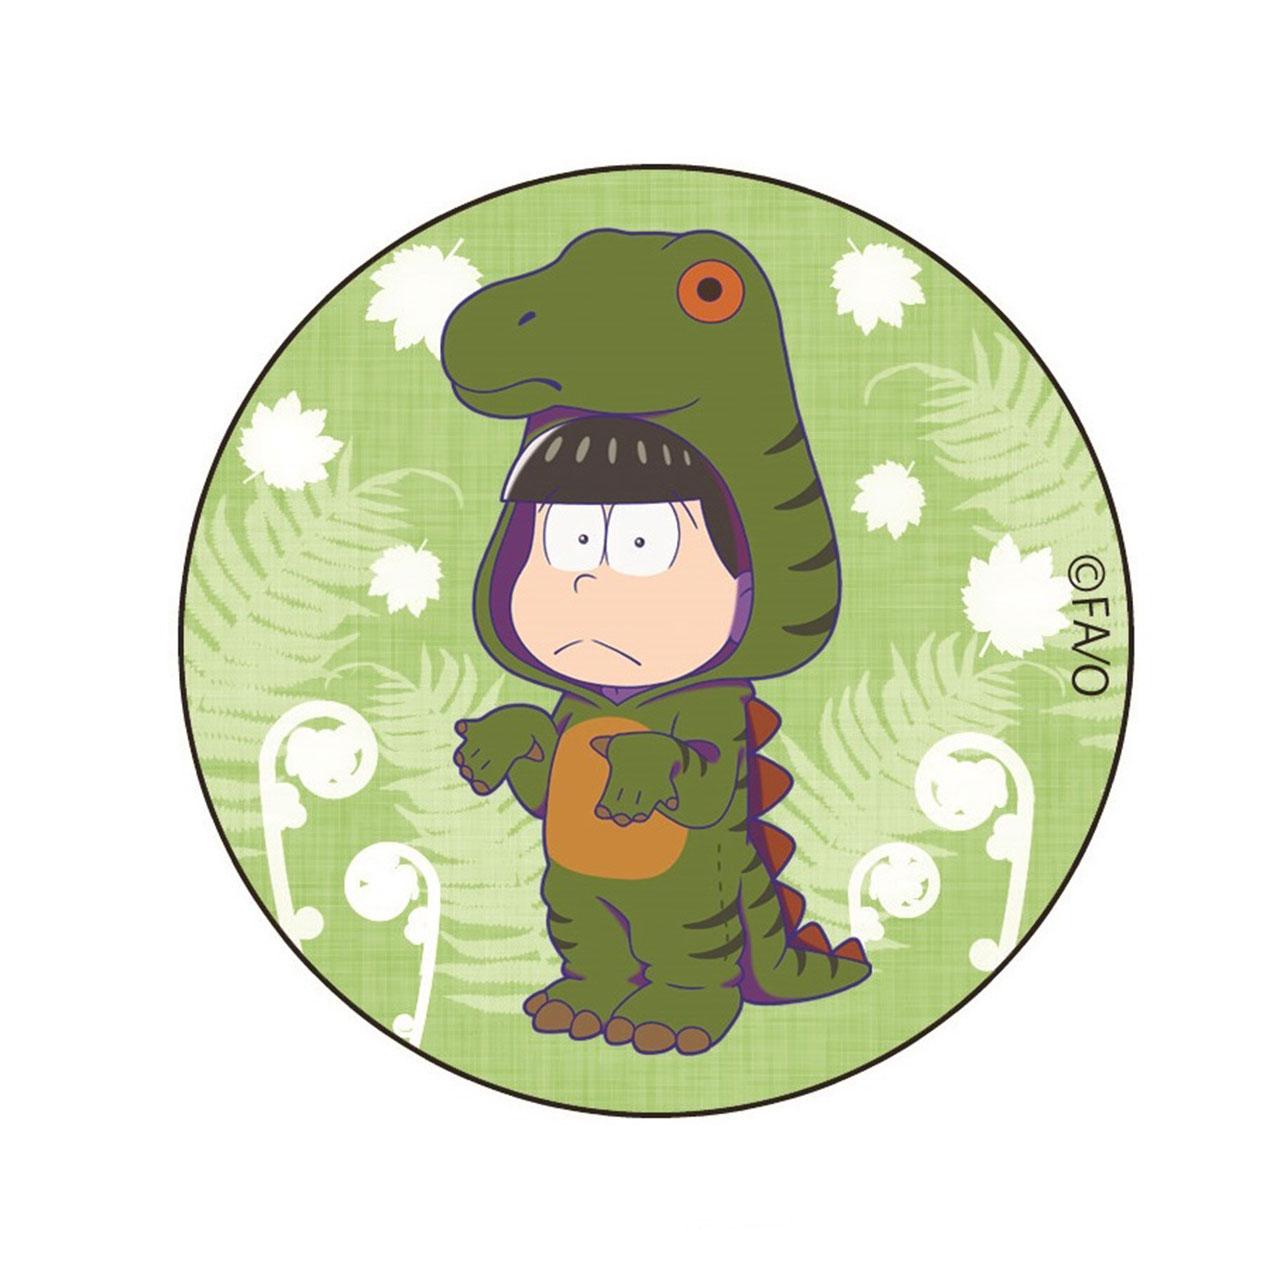 コシザサウルス チョロ松 缶バッジ